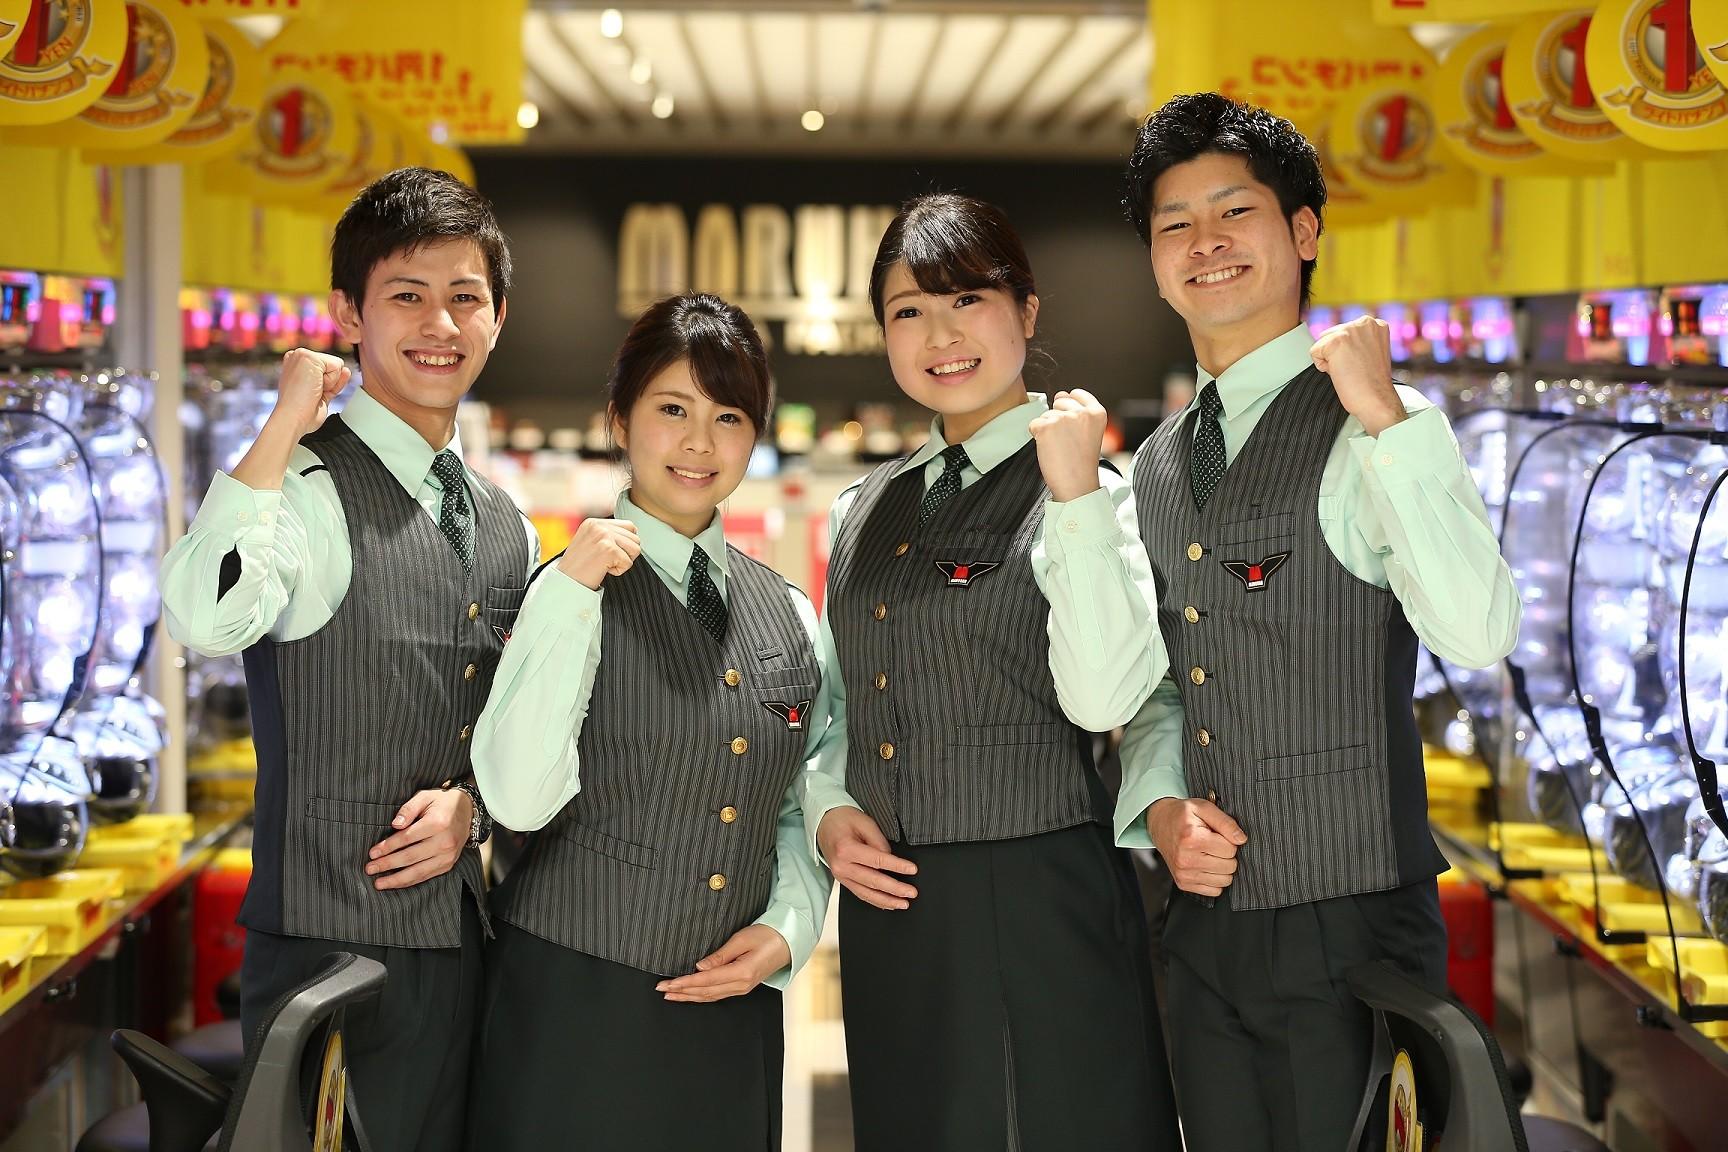 マルハン きずり店[2815]のアルバイト情報